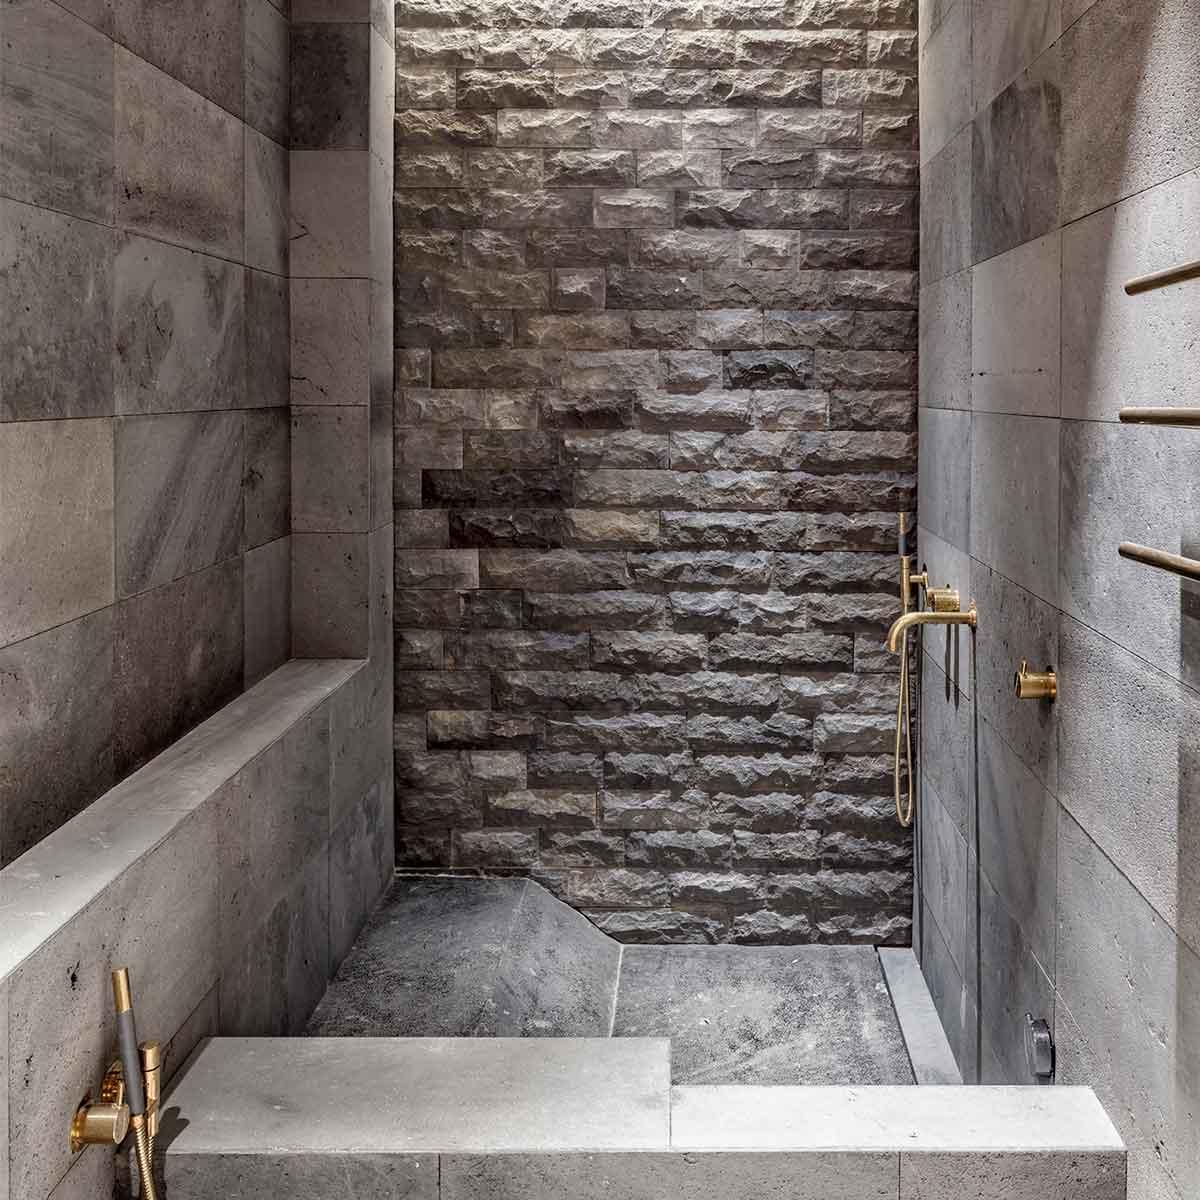 bagno in pietra appartamento d'epoca ristrutturato